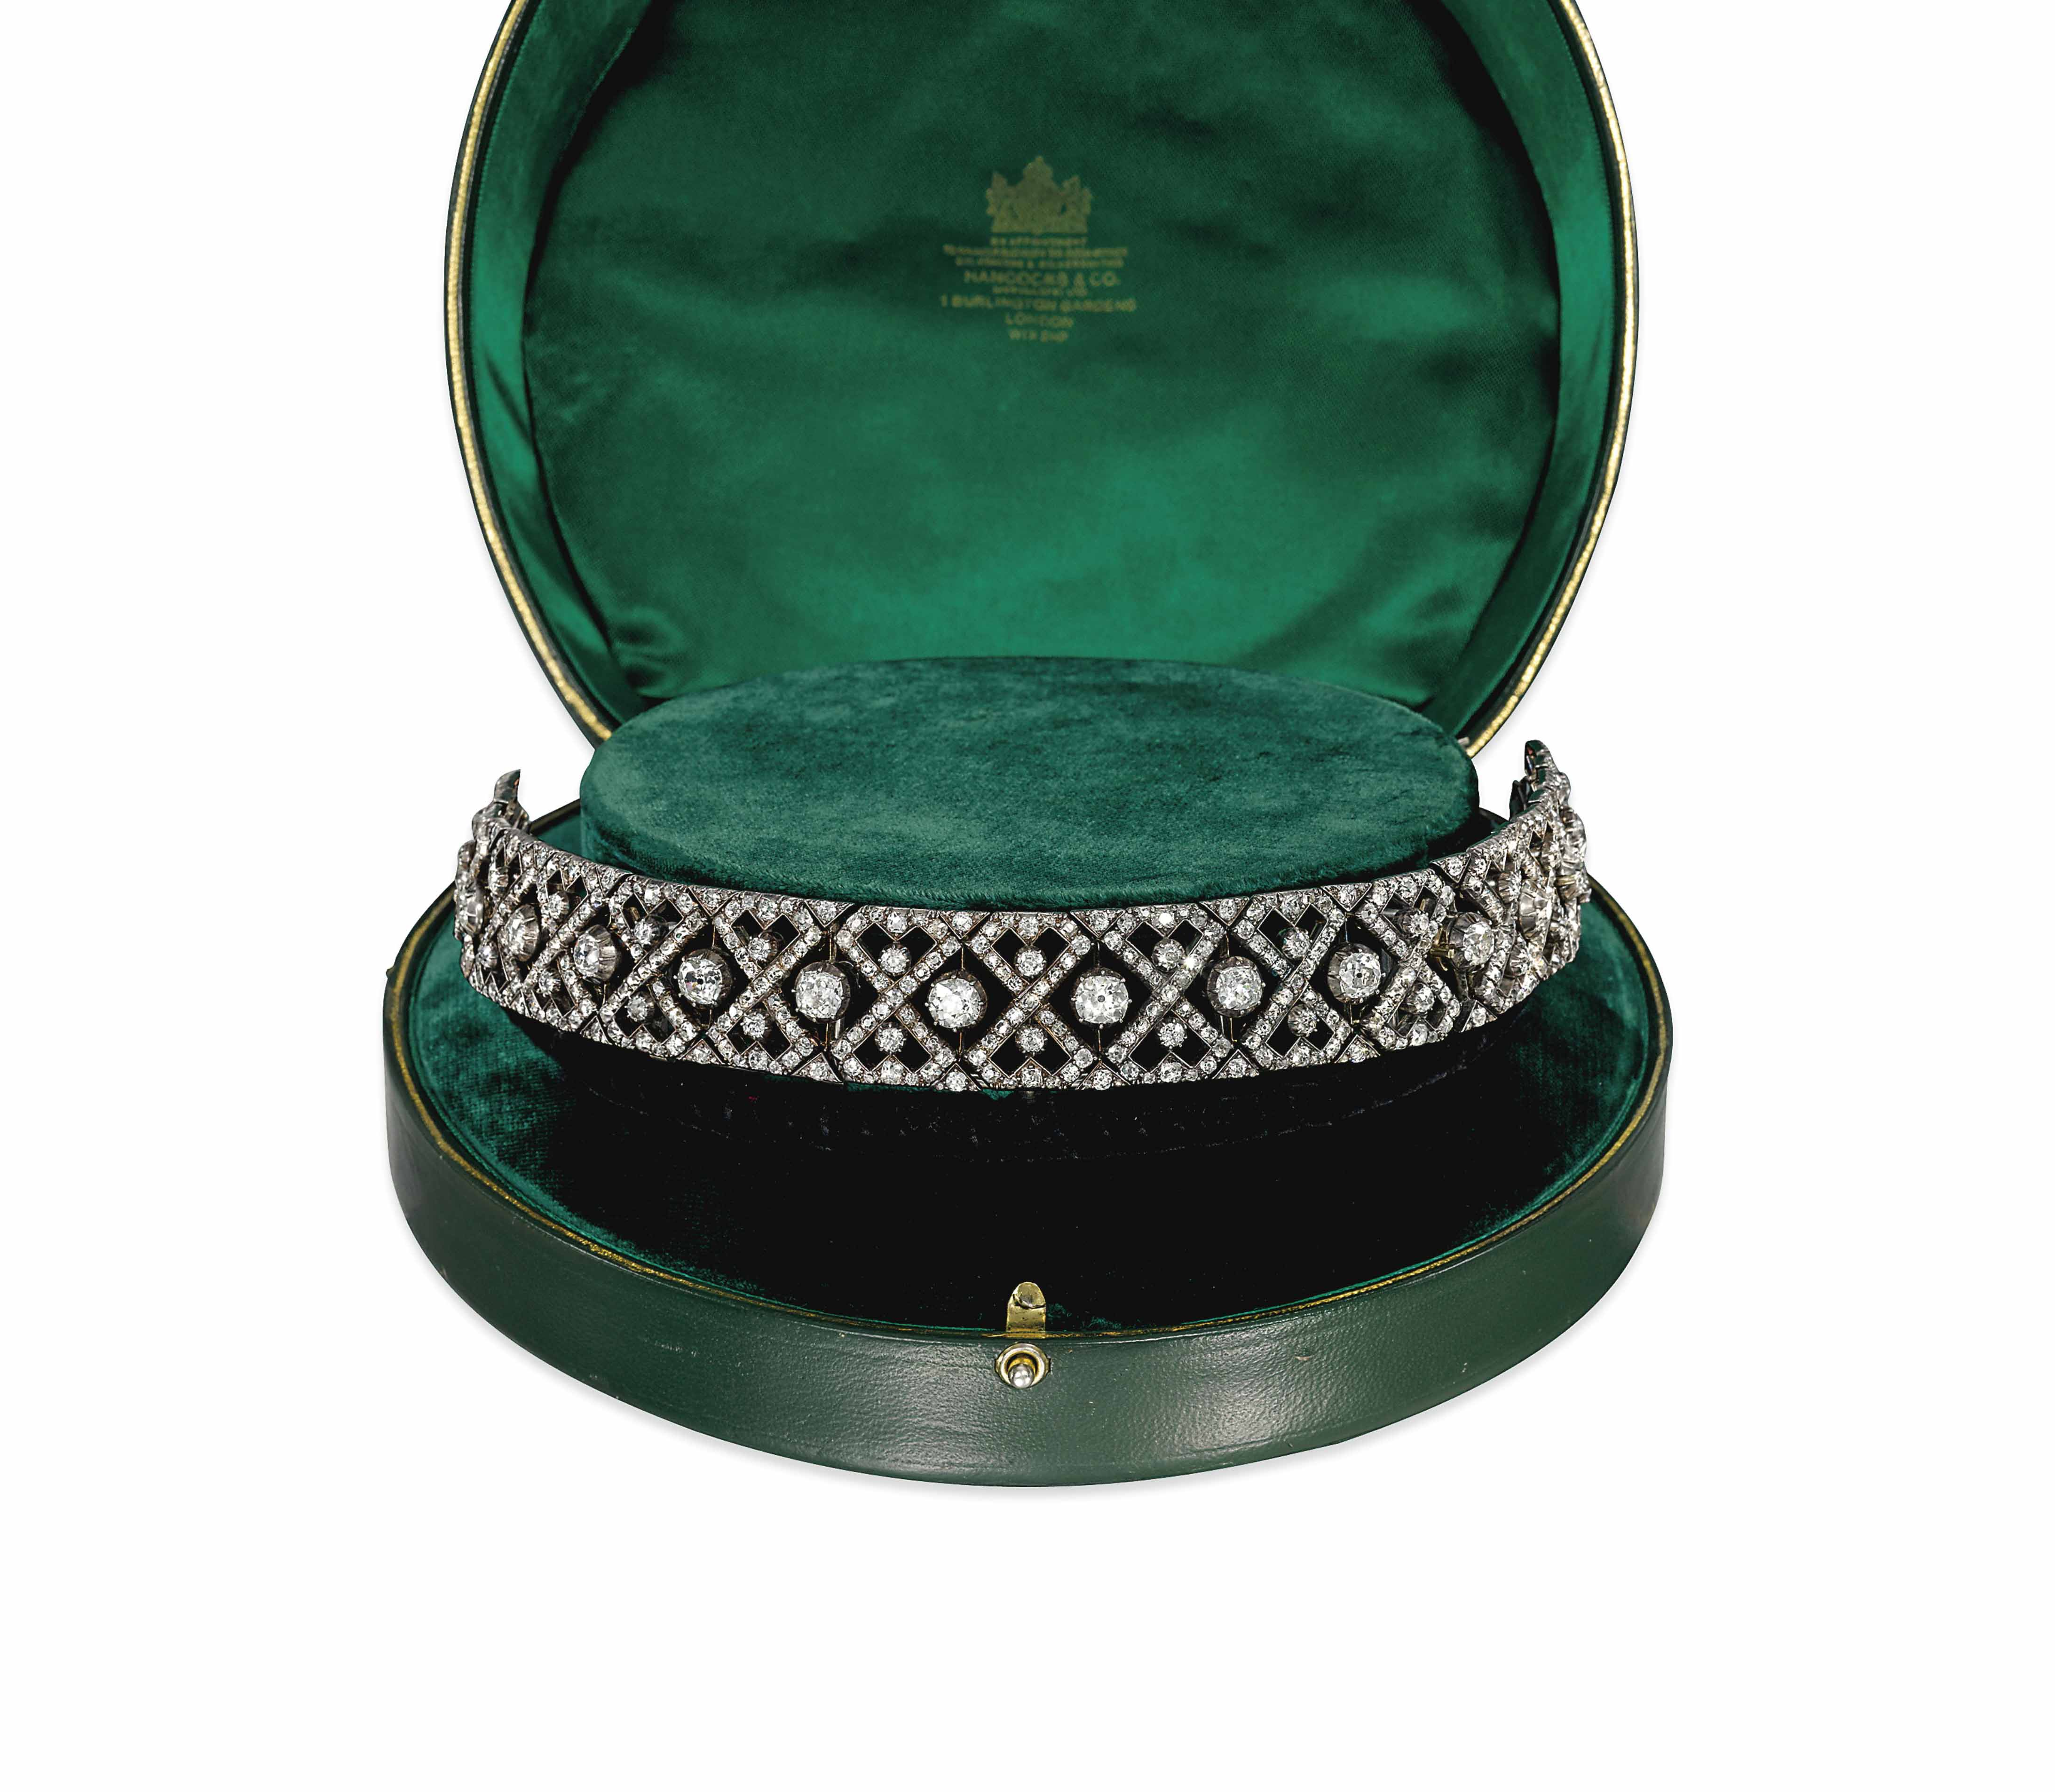 A LATE 19TH CENTURY DIAMOND TI